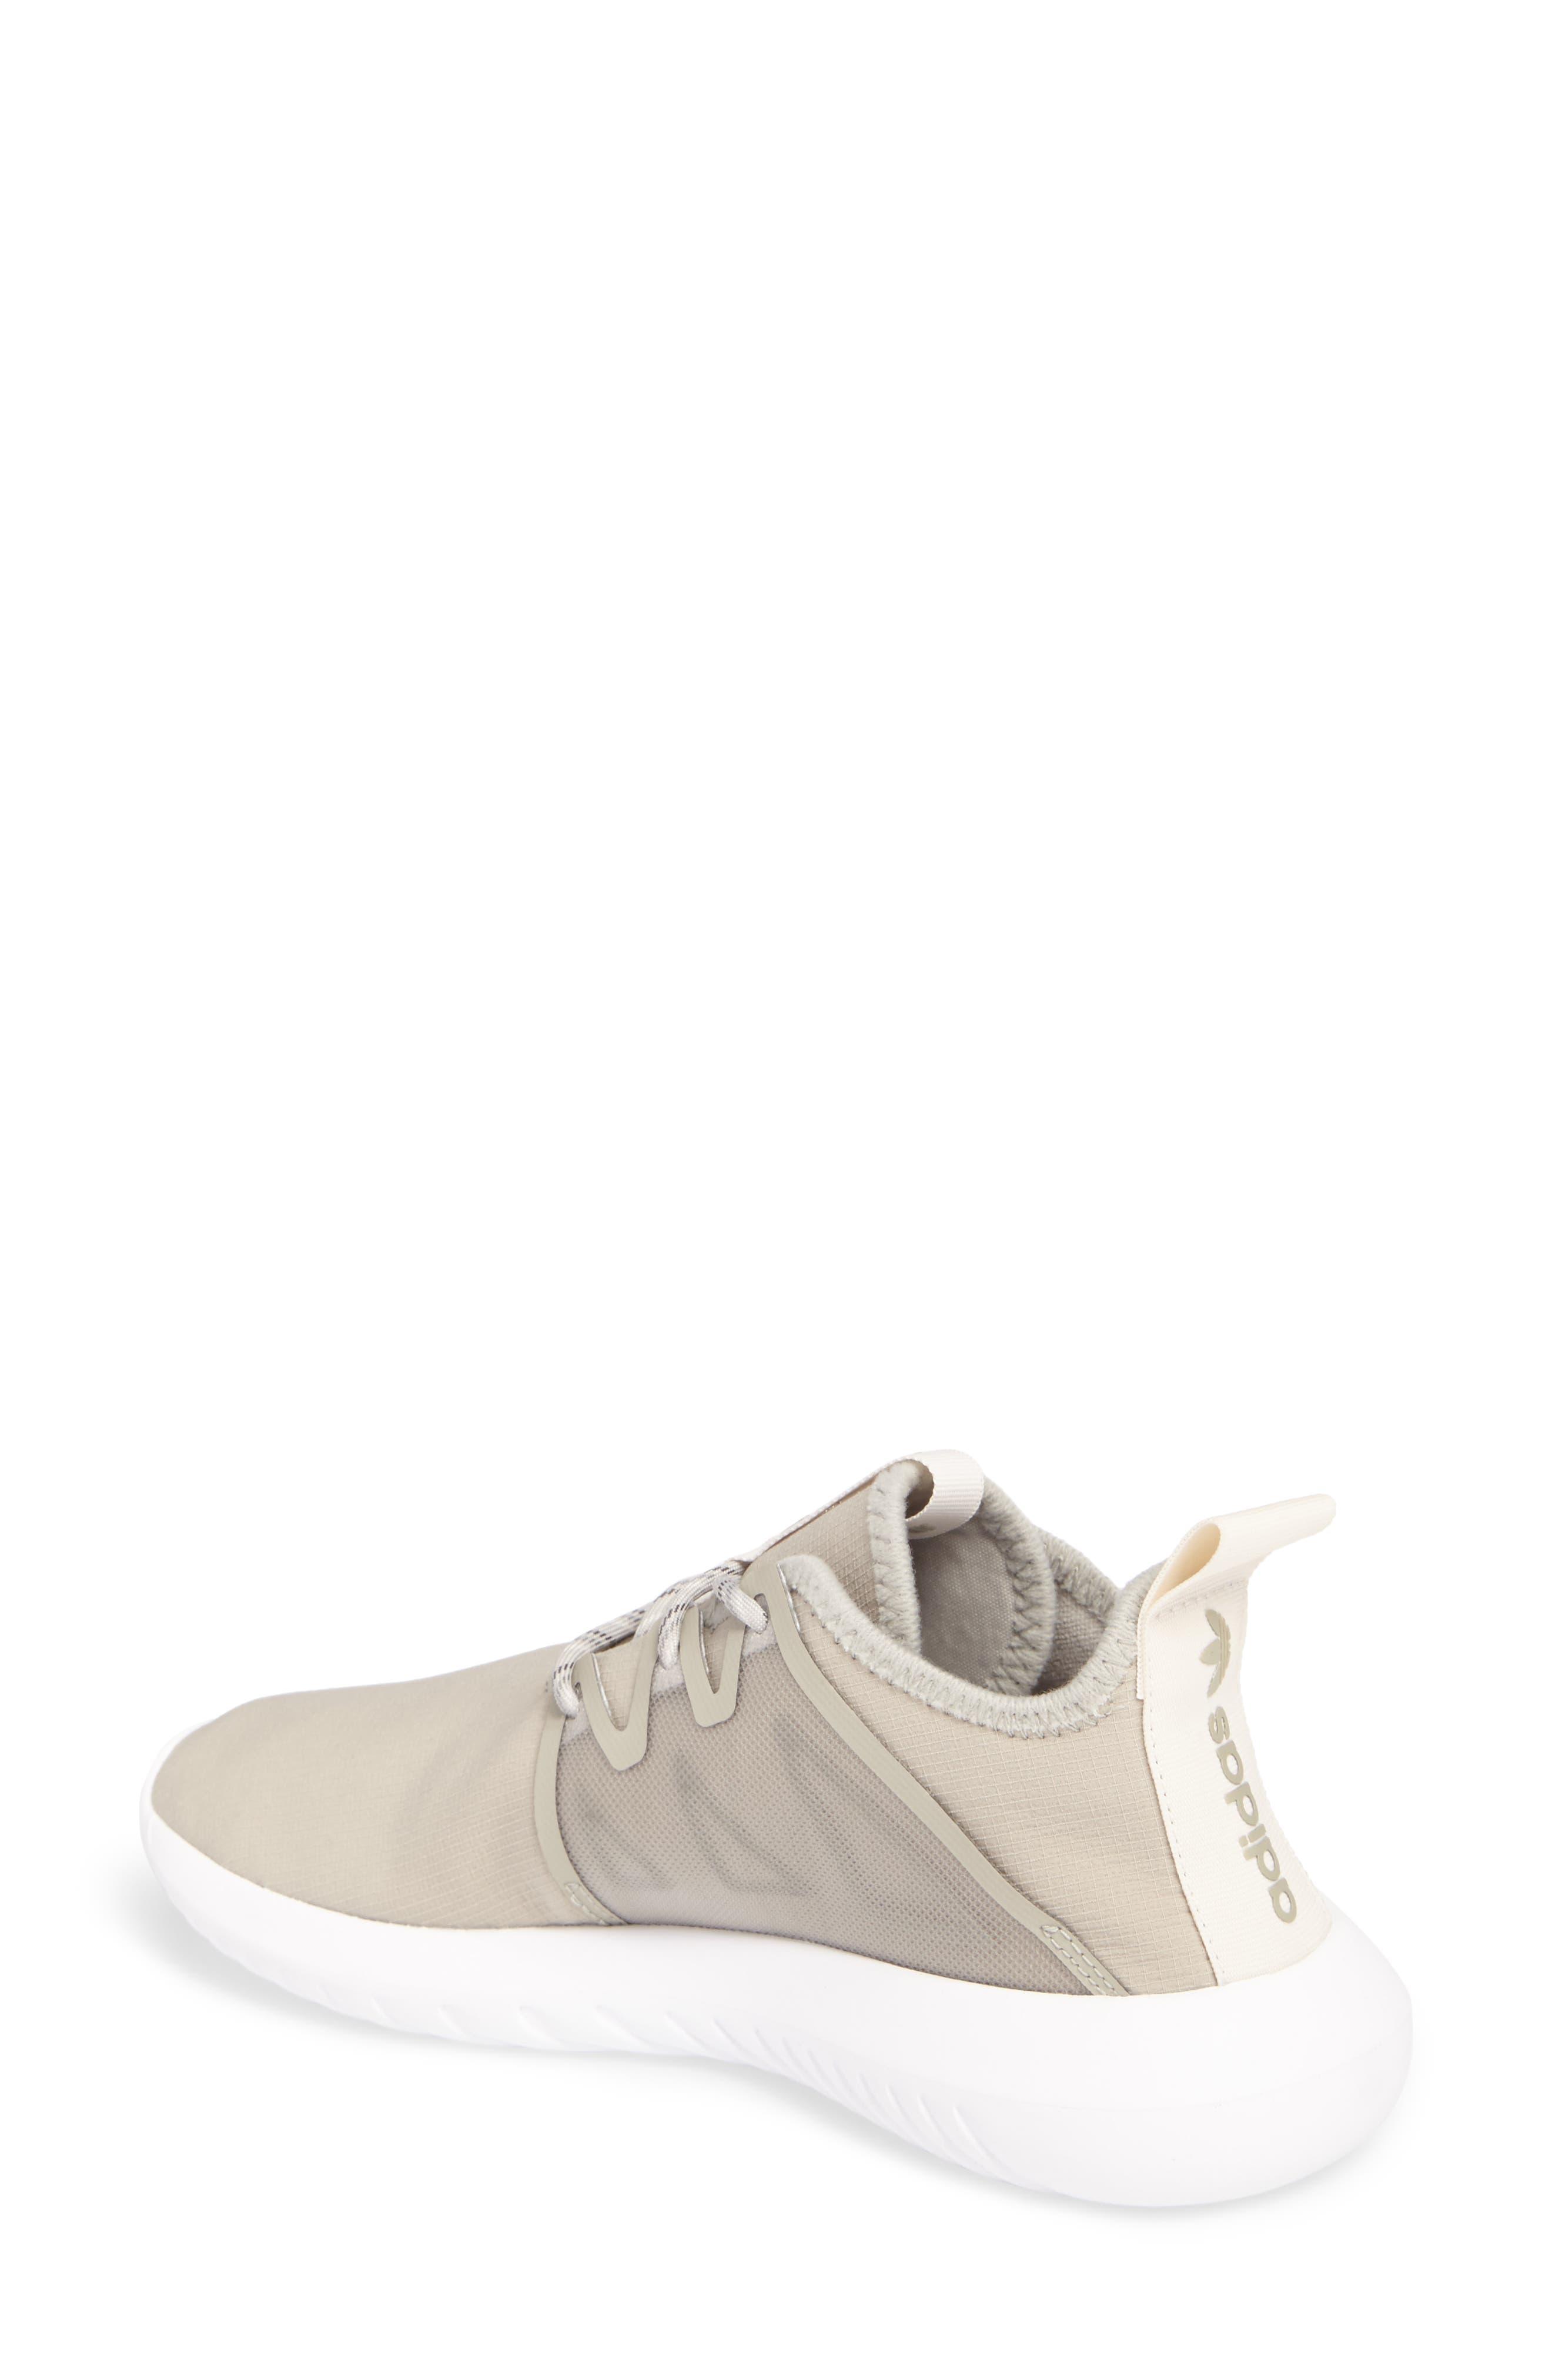 Alternate Image 2  - adidas Tubular Viral 2 Sneaker (Women)